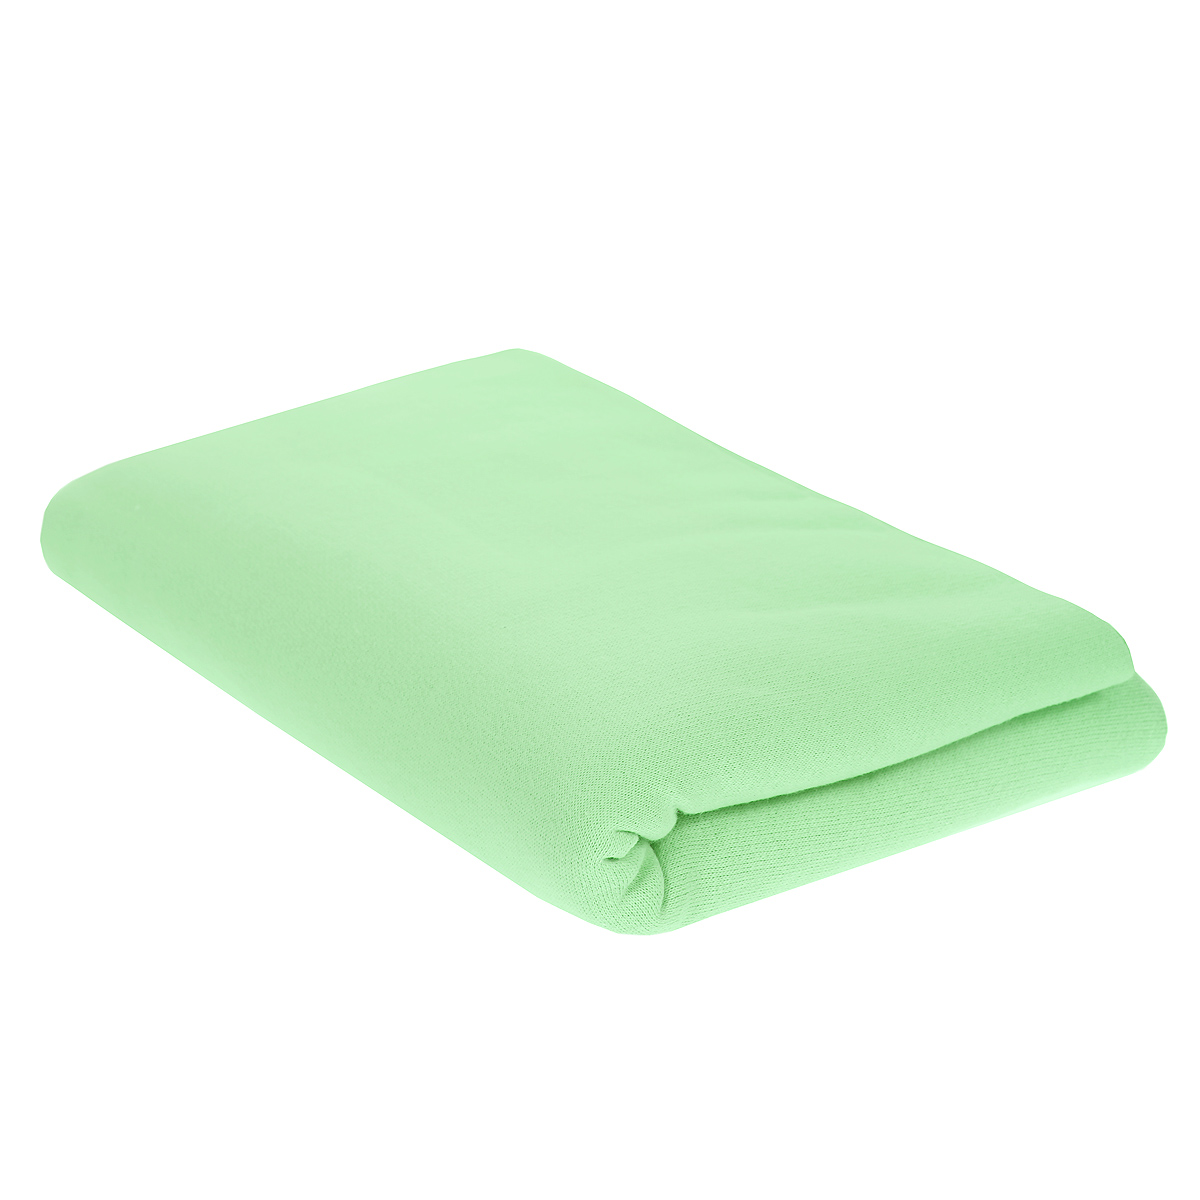 Пеленка детская Трон-Плюс, цвет: салатовый, 120 см х 90 см пеленка трикотажная трон плюс цвет розовый 120 см х 90 см